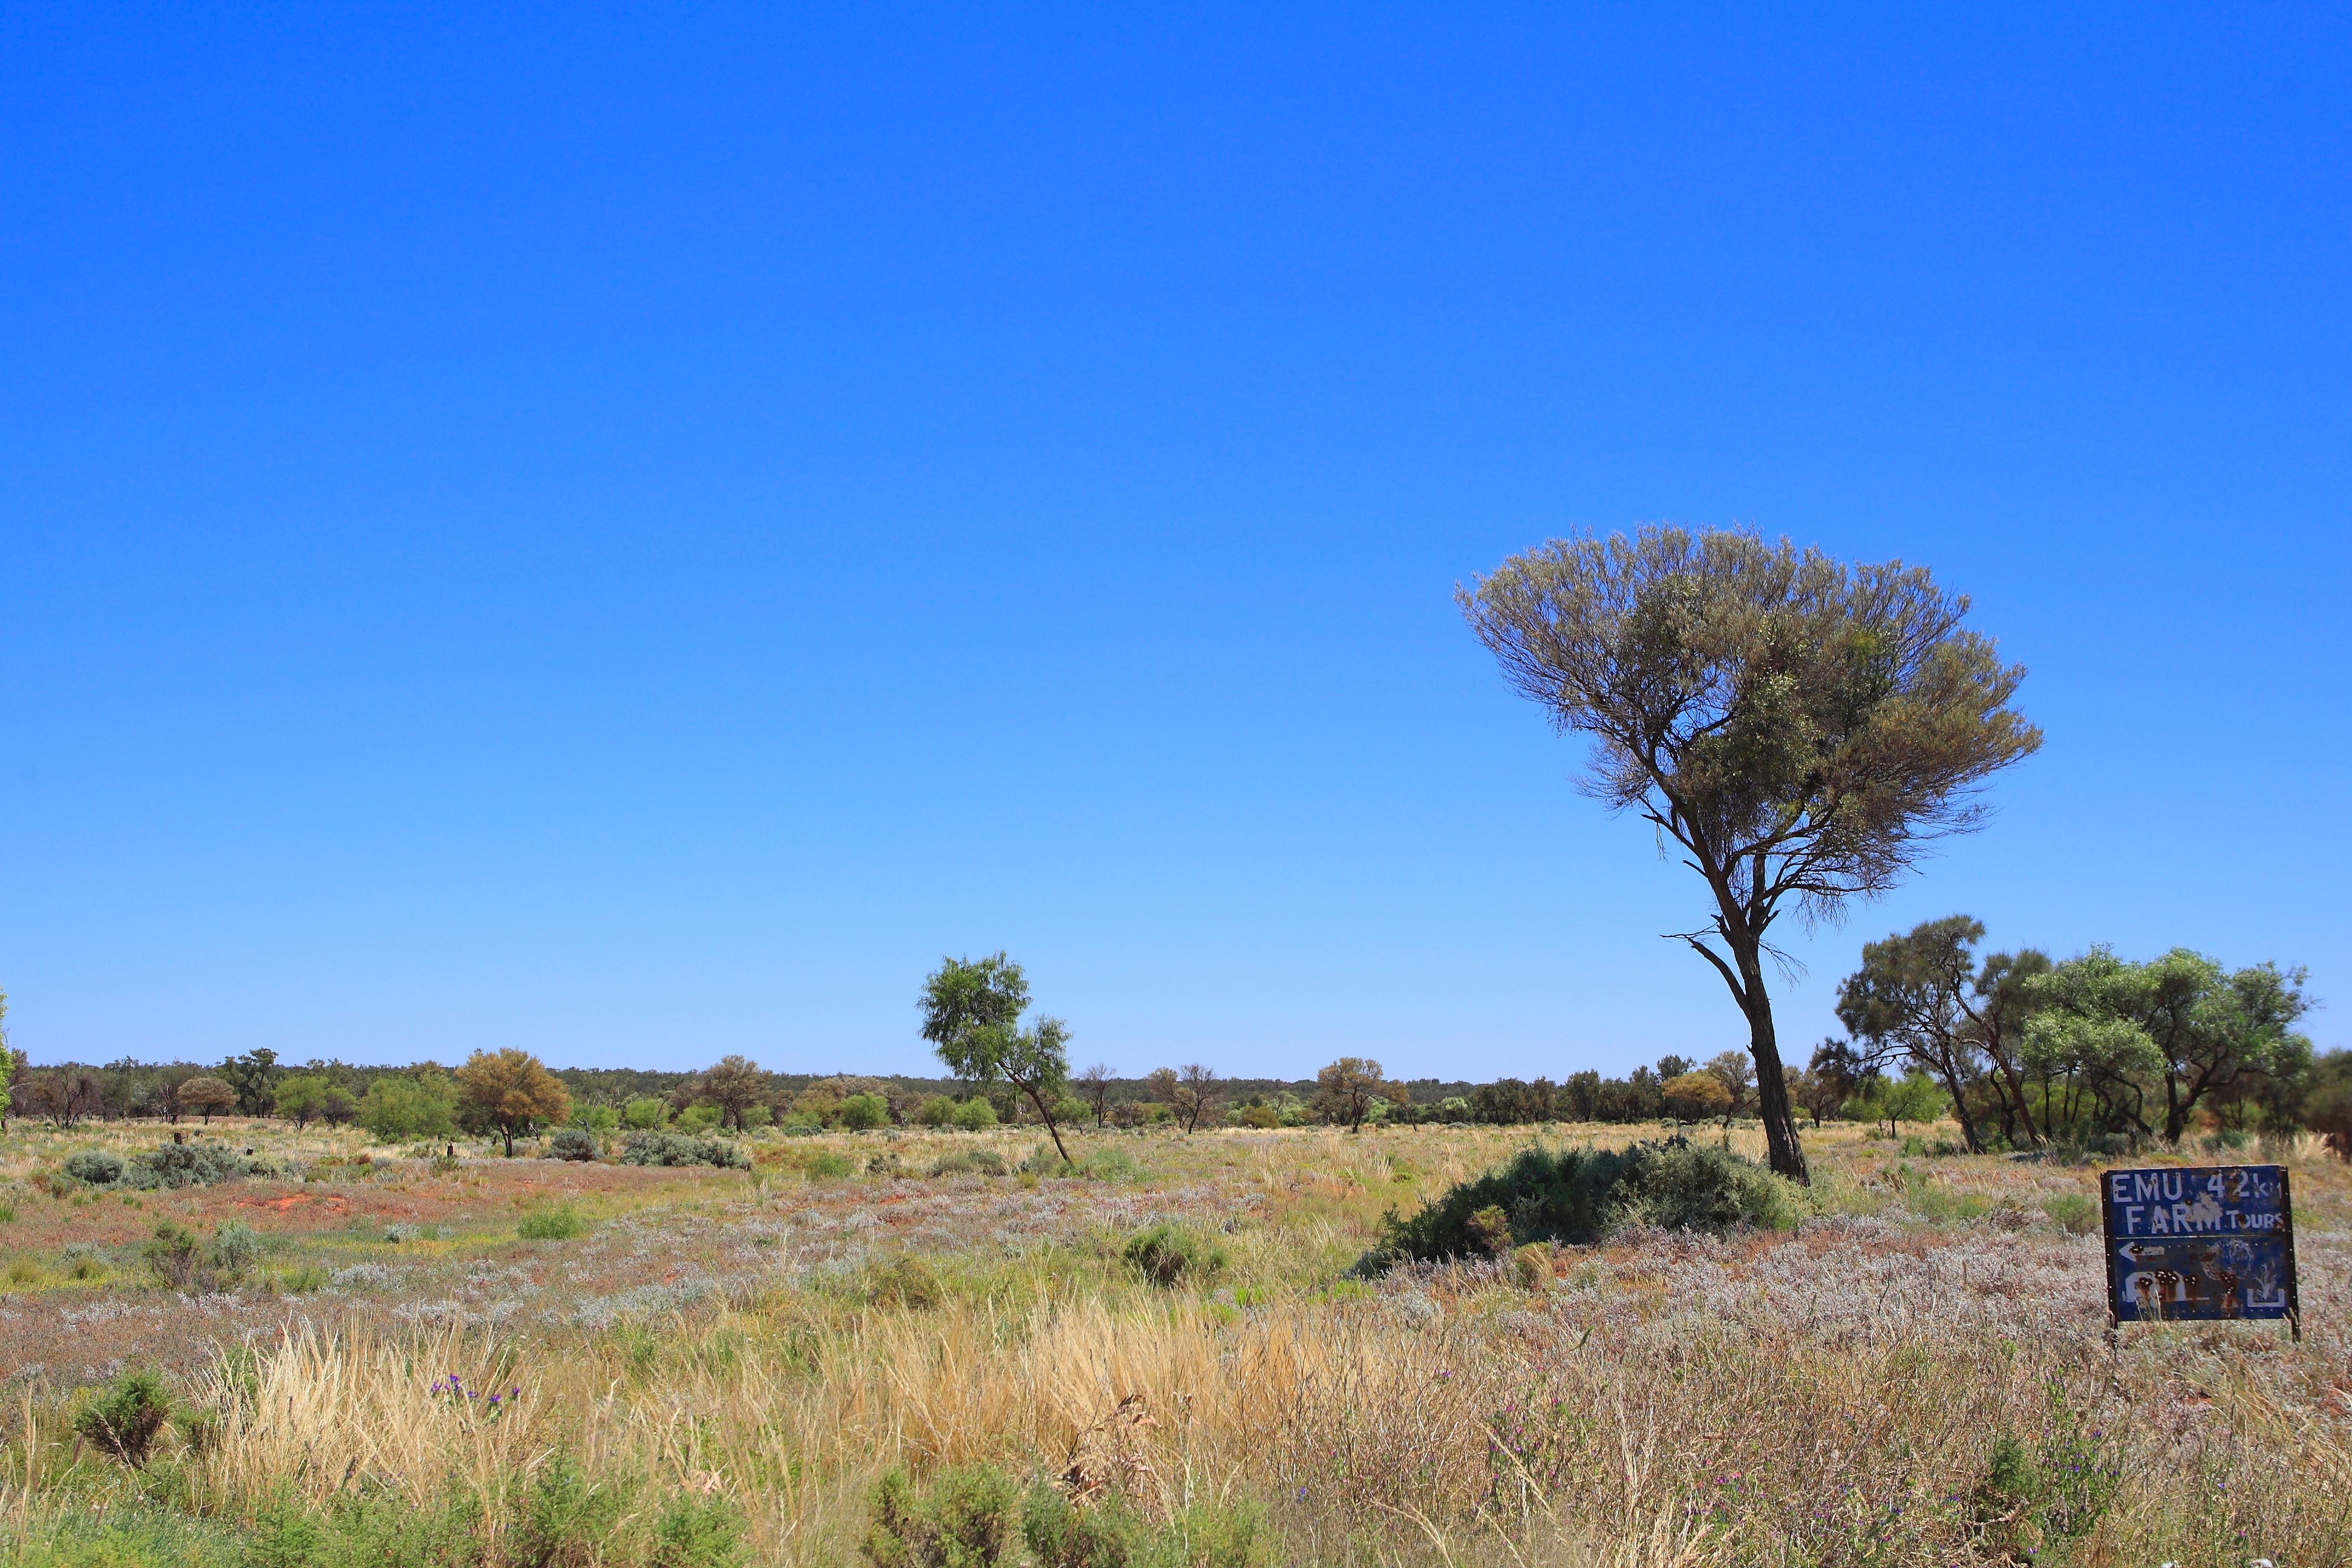 Australia_Outback_63